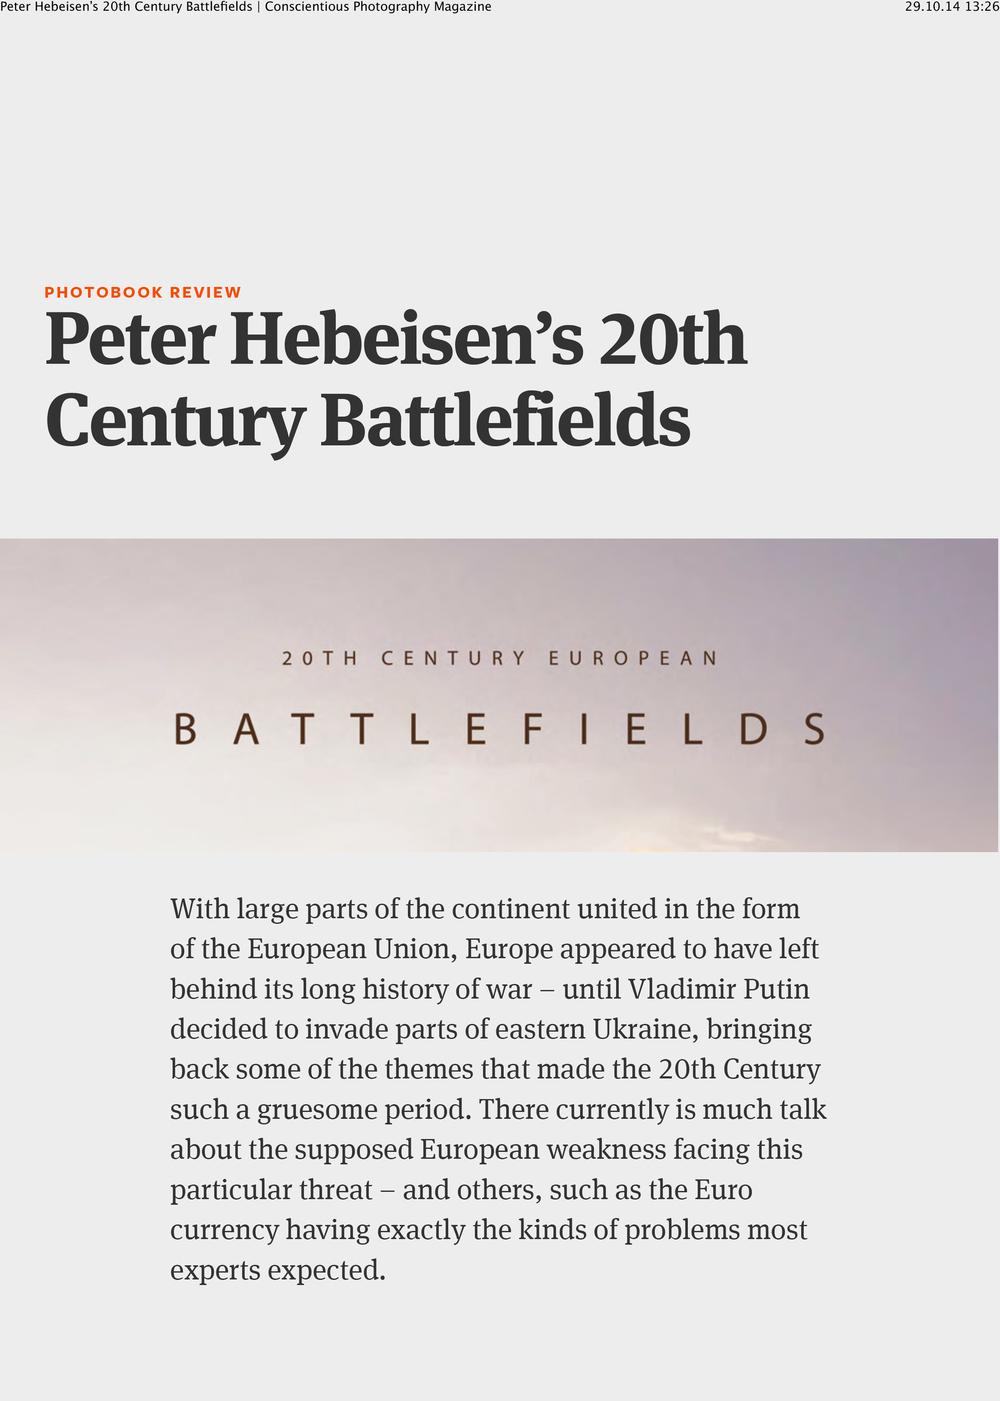 Peter Hebeisen's 20th Century Battlefields Conscientious Photography Magazine-1.jpg